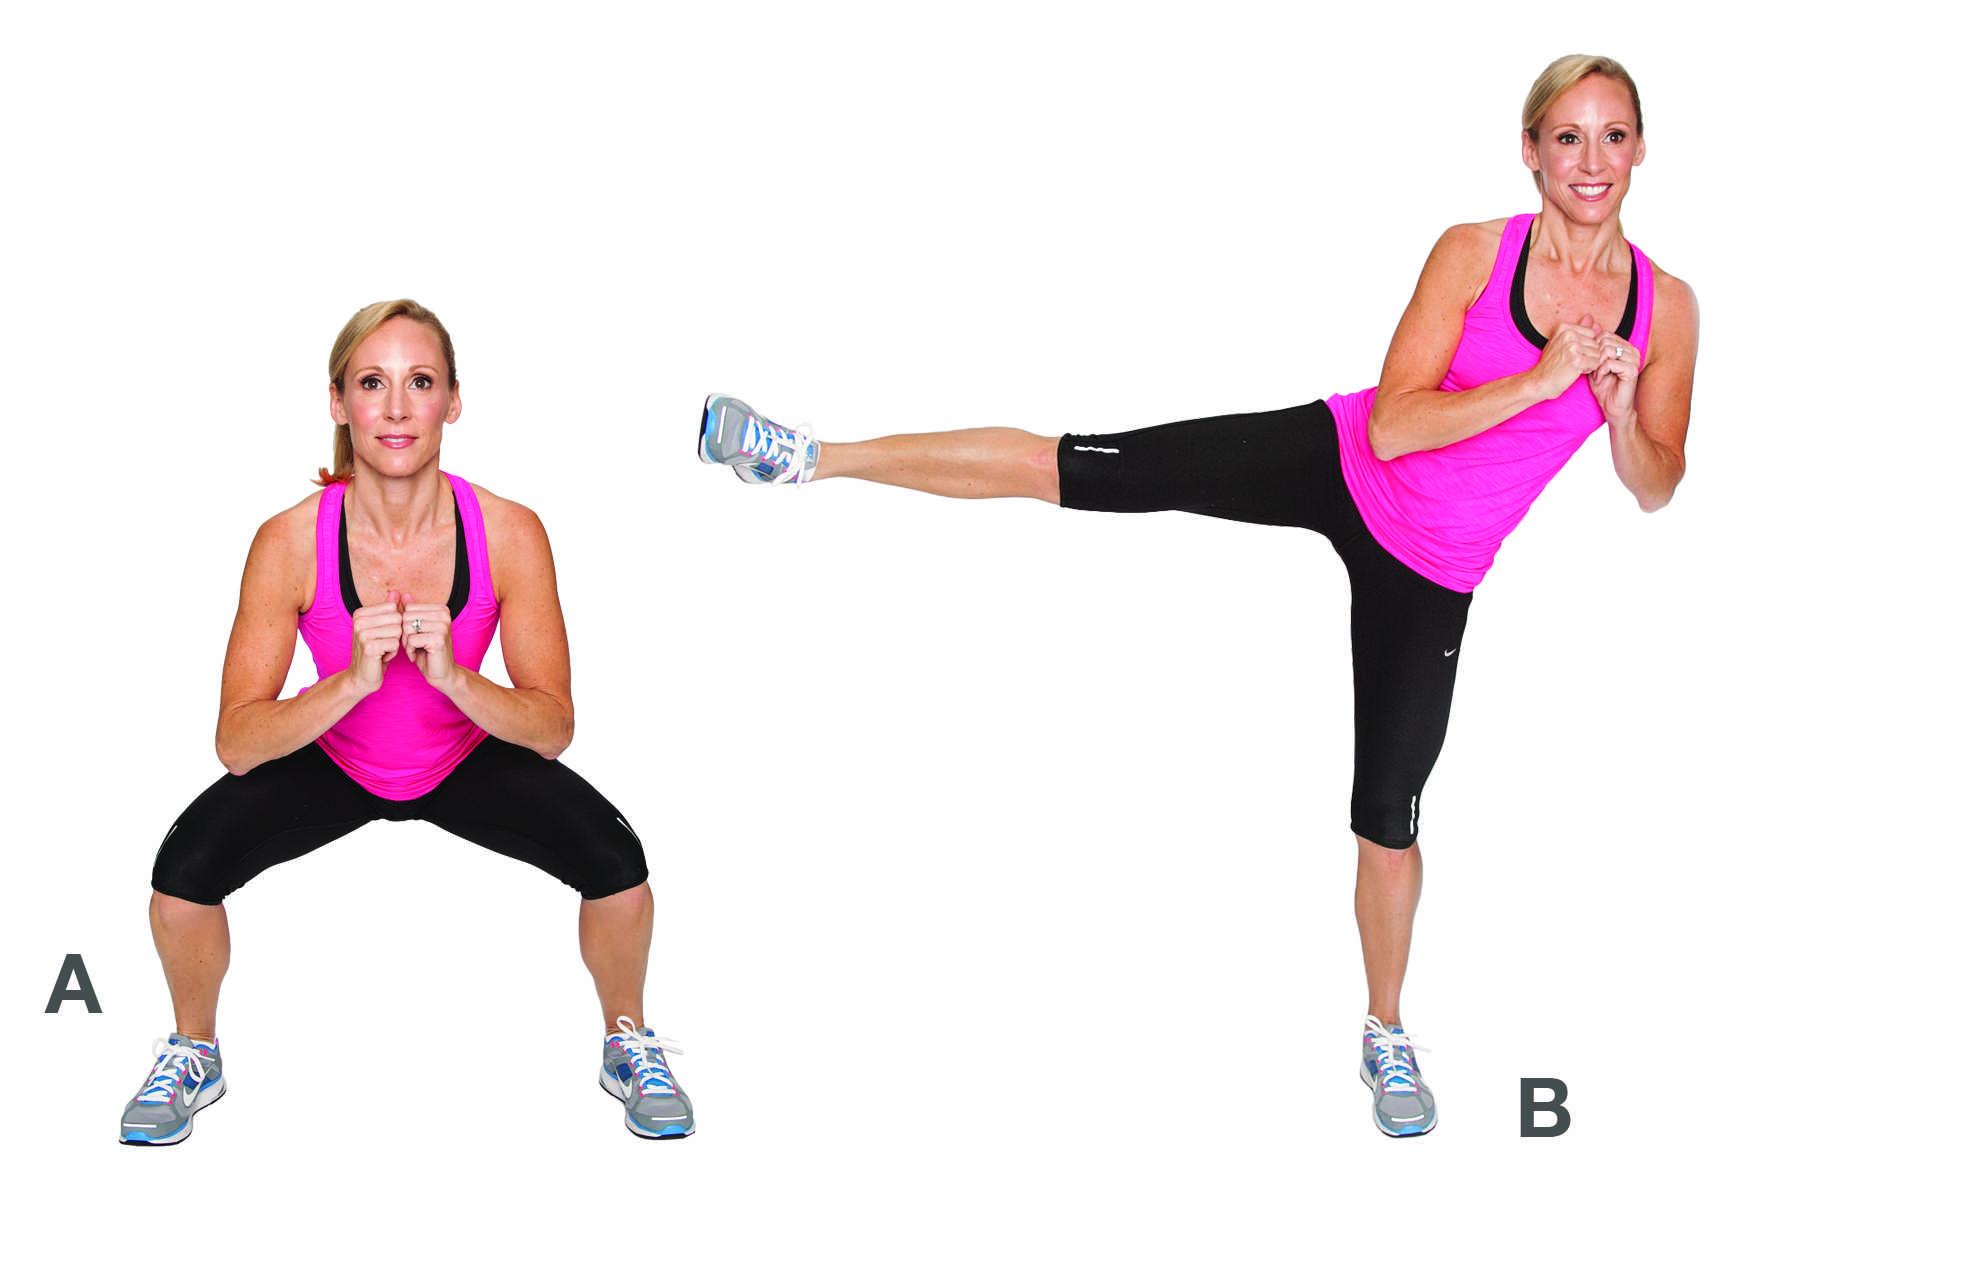 Лучшие упражнения для ног дома для девушек: топ-25 для тренировки стройных ног в домашних условияхwomfit